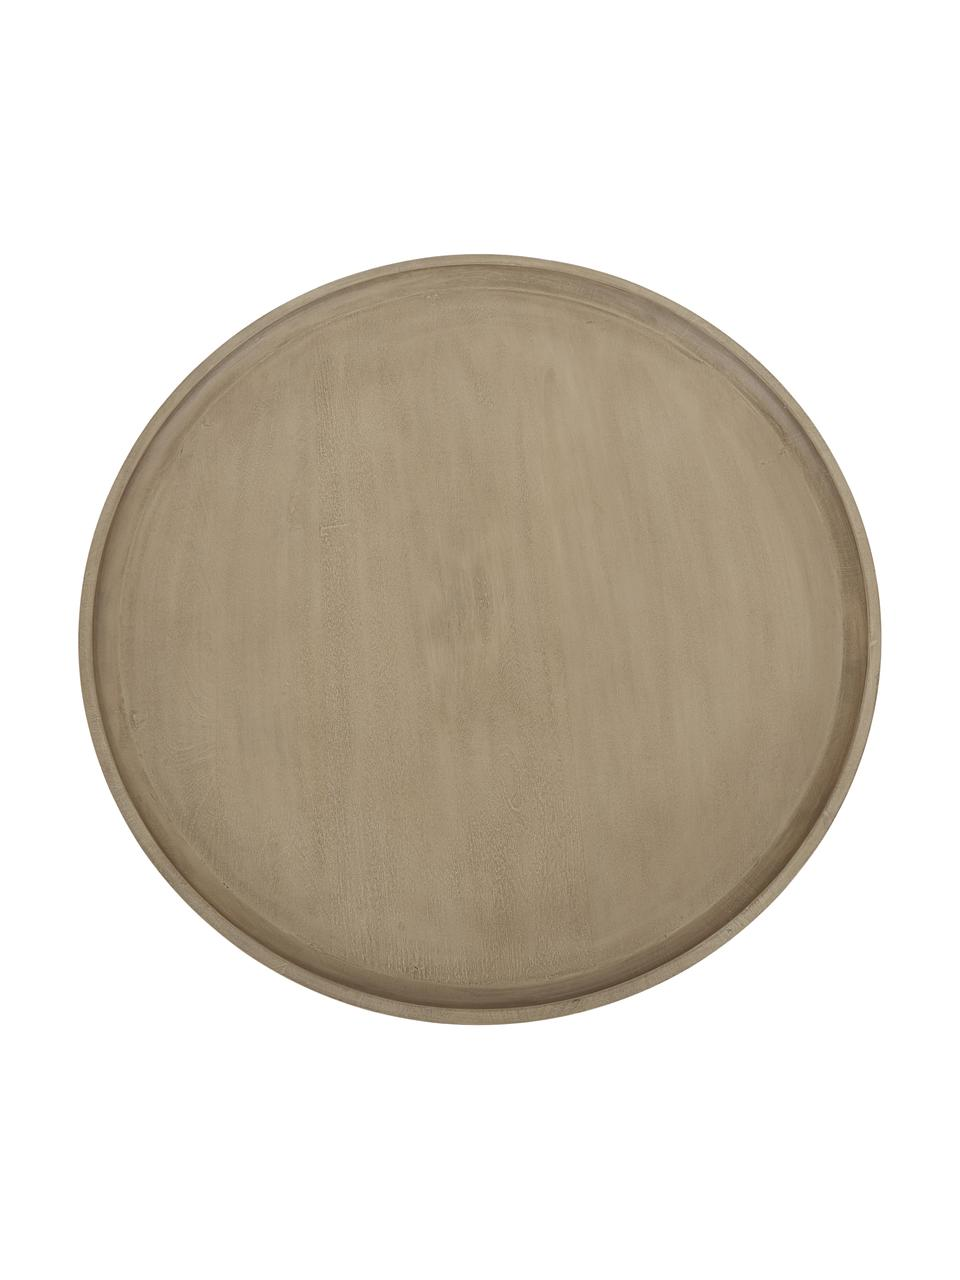 Couchtisch Benno aus Mangoholz in Hellbraun, Massives Mangoholz, lackiert, Hellbraun, Ø 80 x H 35 cm